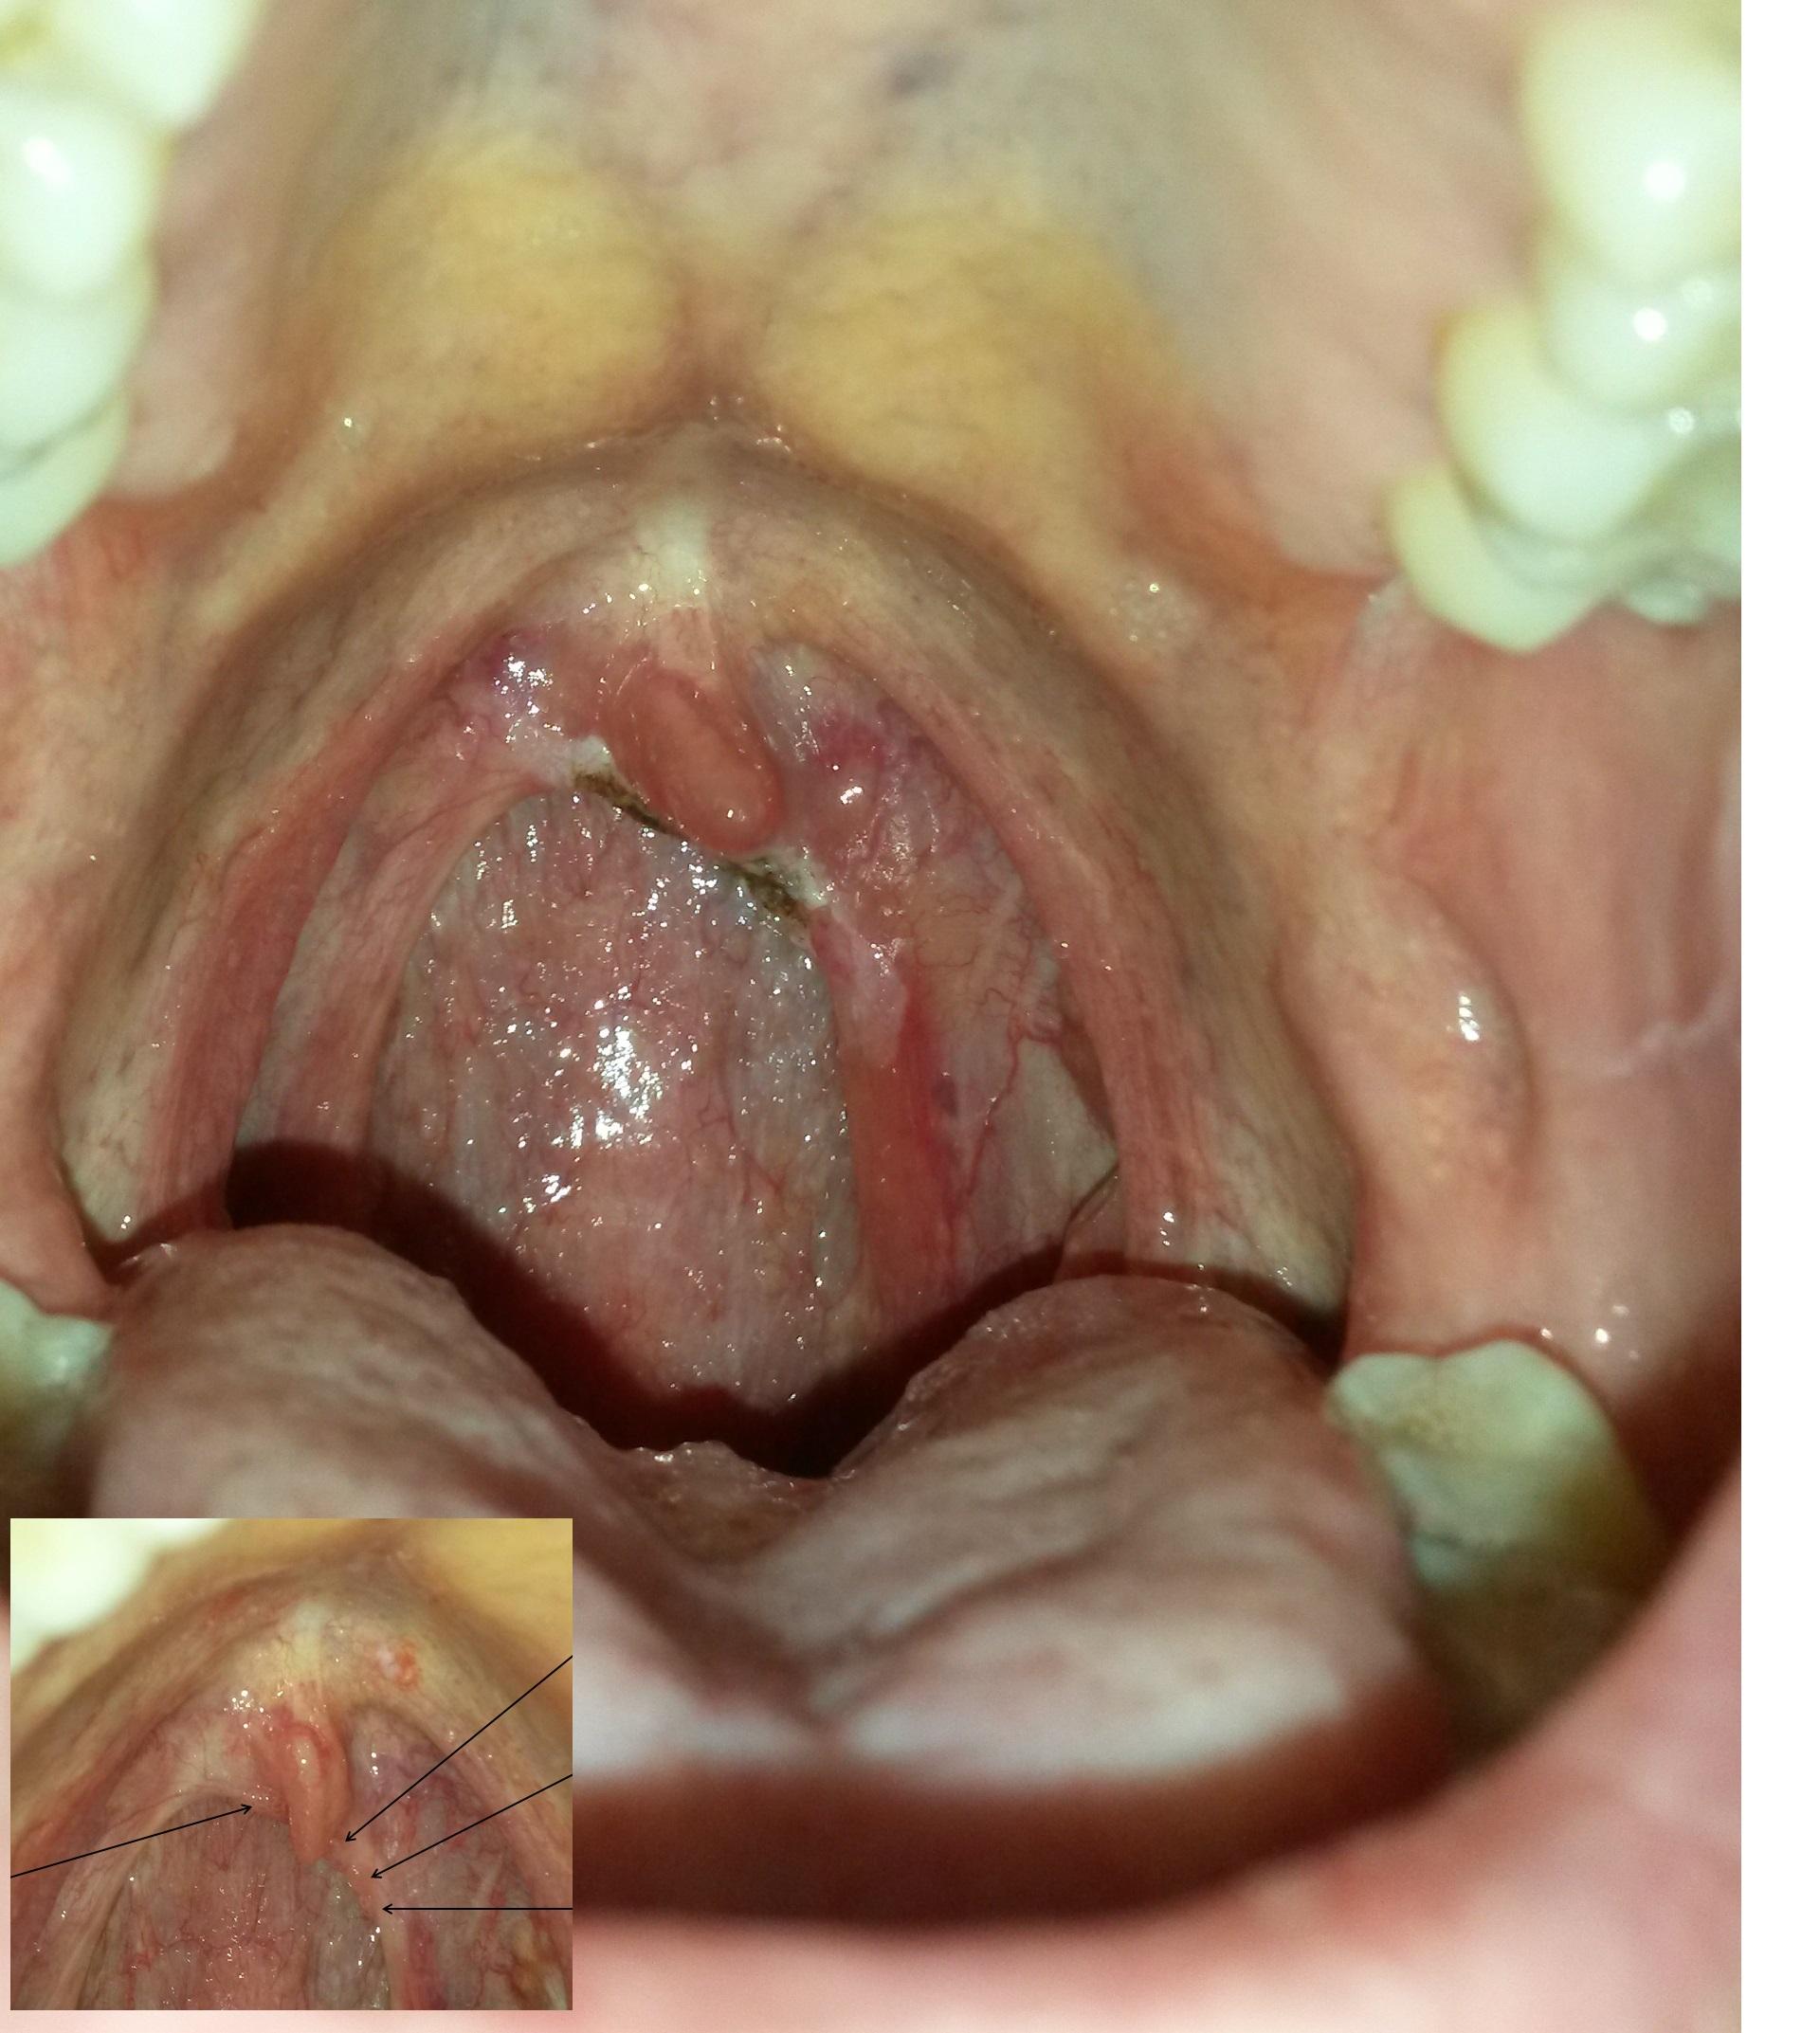 Hpv types associated with warts. Manifestările cutanate ale infecţiei cu virusul papiloma uman